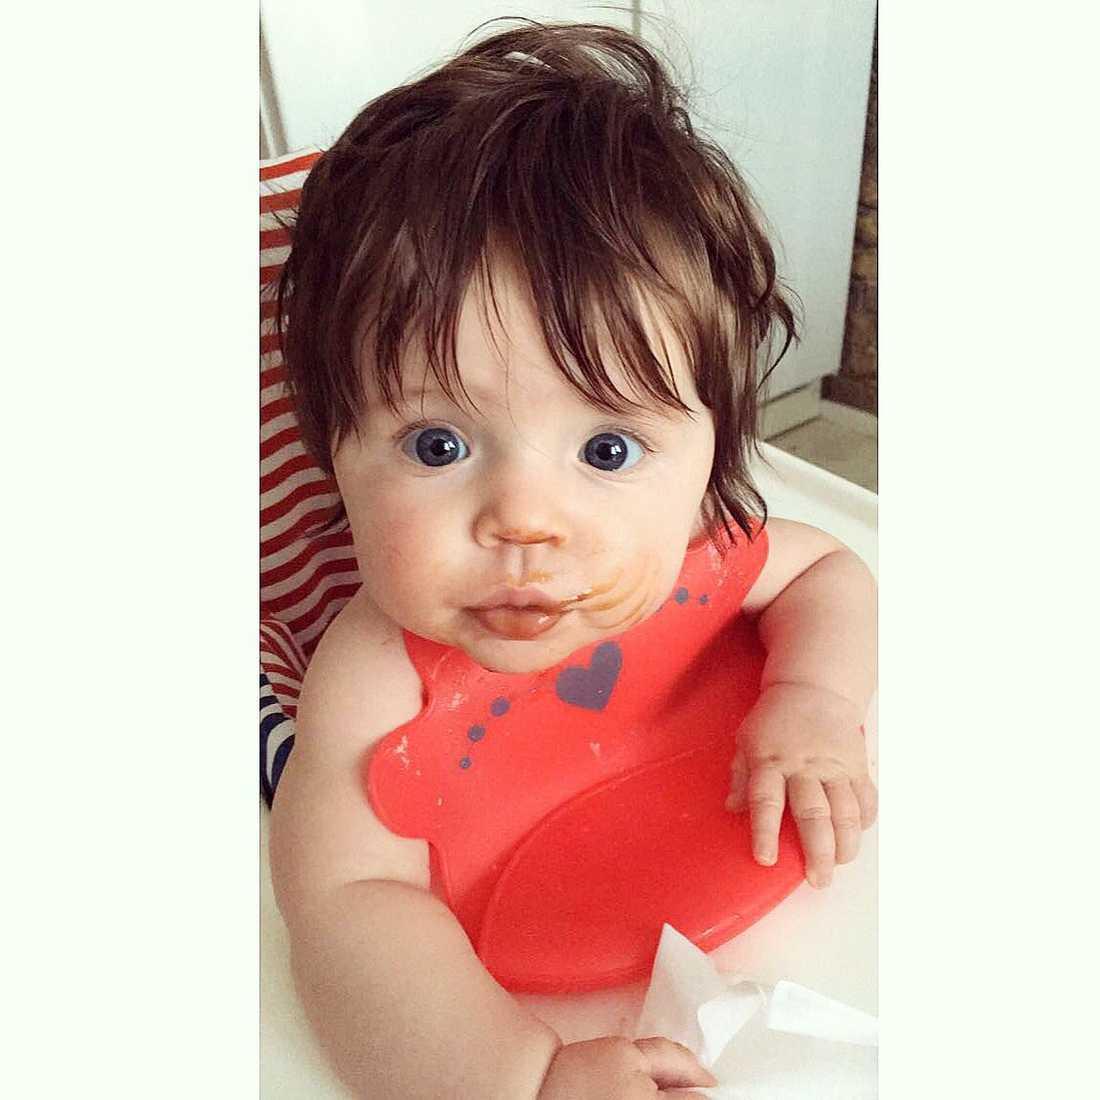 """Lizette från Strömsund har skickat en bild på dottern Moa när hon var bebis: """"Hon föddes med mycket hår, och det fortsatte växa i raketfart. Hon blir tre om ett par veckor och har ett hår som gör alla avundsjuka! Vi har aldrig klippt henne och om jag får bestämma kommer vi aldrig göra det""""."""